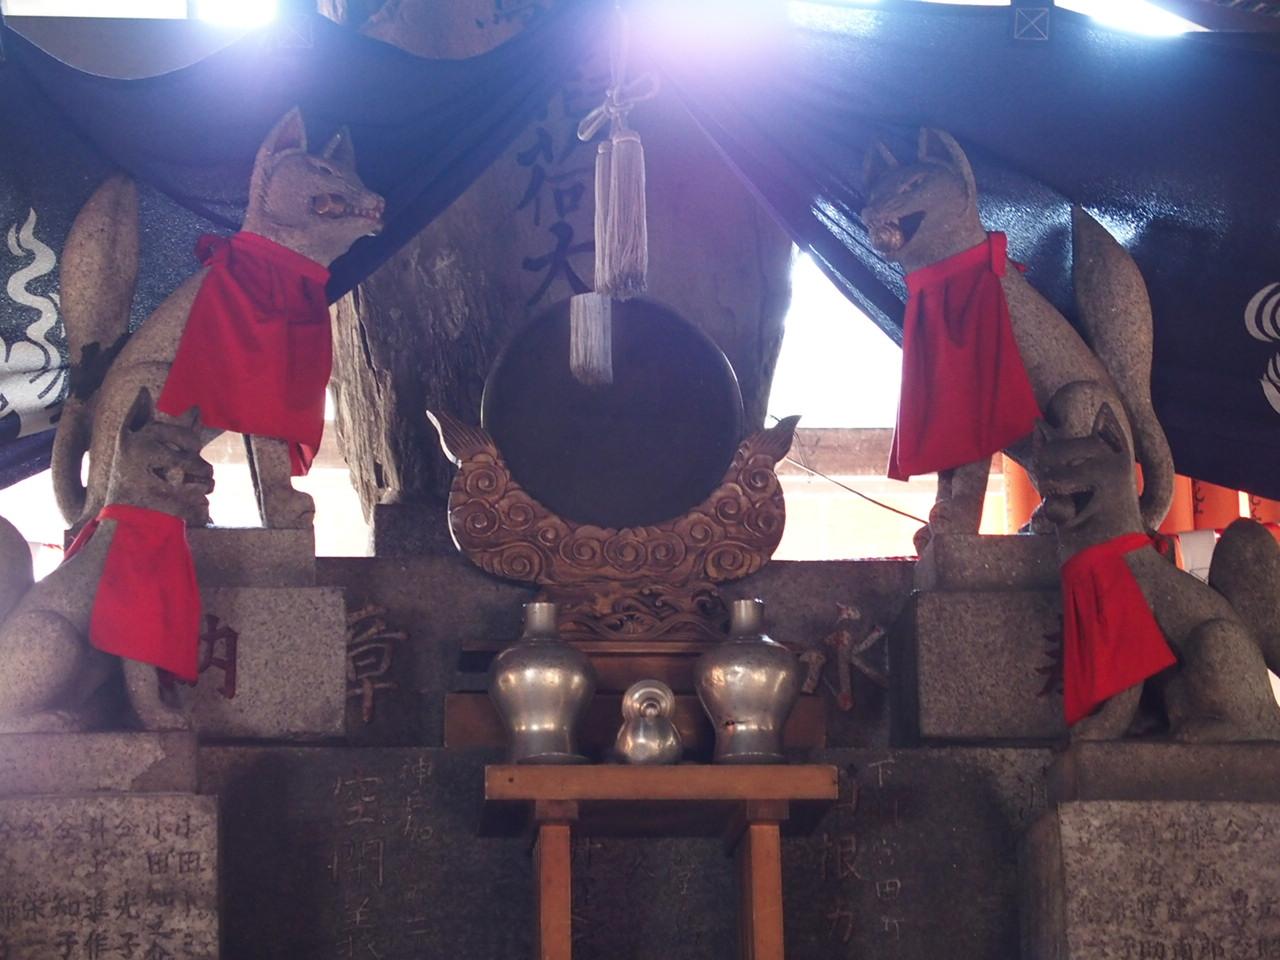 京都の伏見稲荷大社の熊鷹社